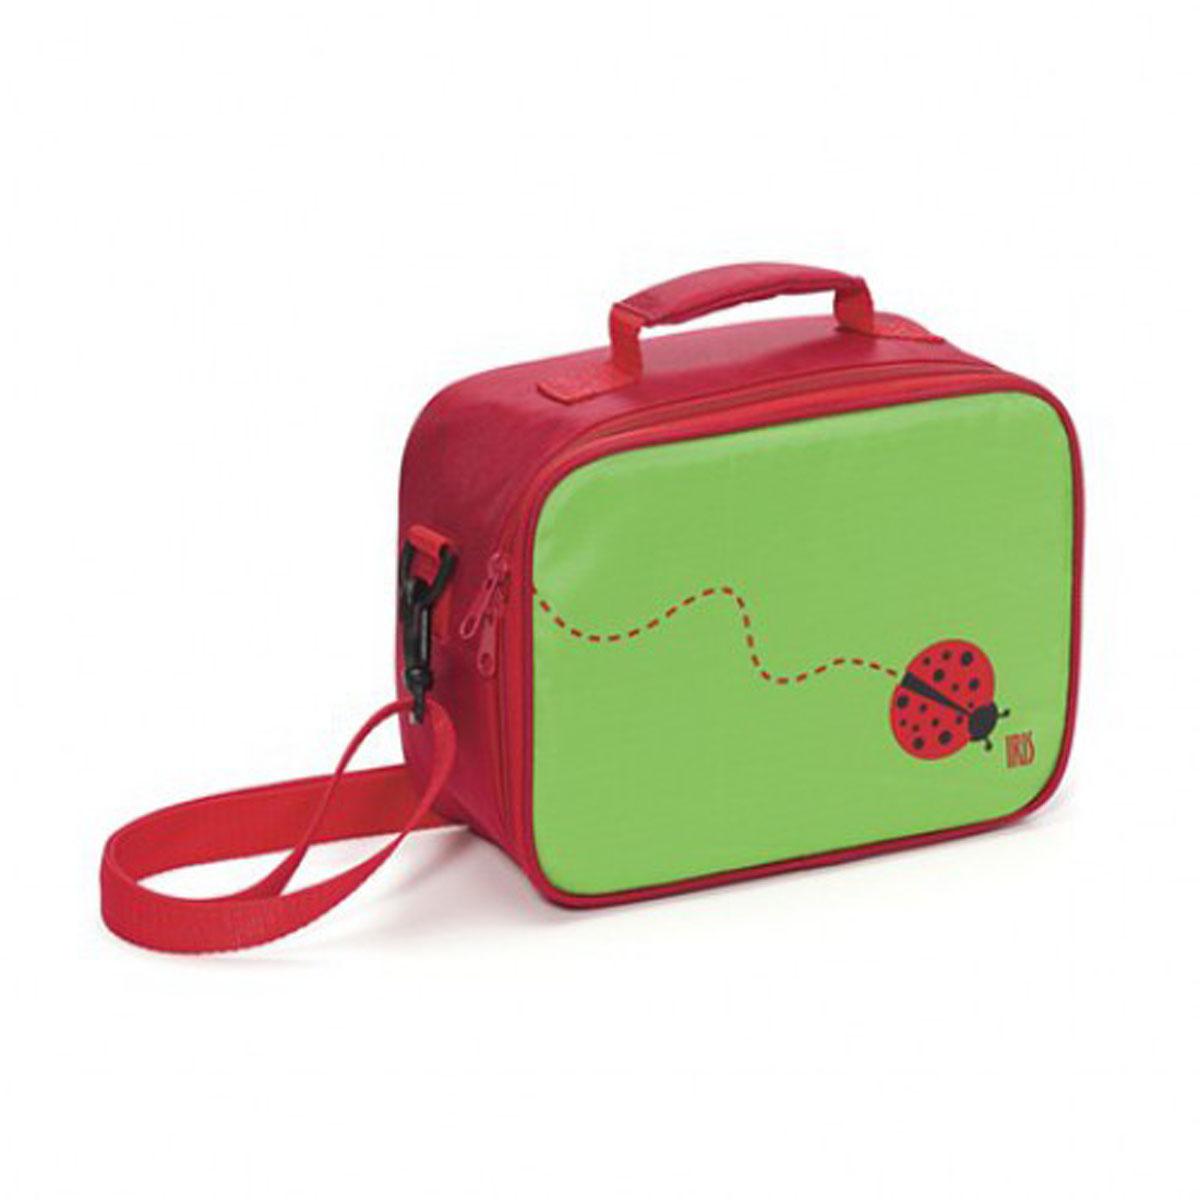 IRIS Термосумка ЛанчБокс SNACK RICO/ Зеленая9918-TI«СнэкРико» МиниЛанч Бокс – это самый идеальный способ взять с собой в школу вашу лю-бимую еду!Изнутри покрыт специальным теплоизолирующим материалом, способным надолго сохра-нить свежесть и вкус.Внутри есть сетчатый карман для салфеток, столовых приборов или аксессуаров и т.п. Сна-ружи есть карман на молнии для личных вещей и пластиковый прозрачный кармашек для карточки с персональной информацией (имя, фамилия, телефон и пр.).Можно нести в руках или повесить на плечо. Плечевой ремень регулируется по длине.В комплект входит подарок – забавный брелок для ключей из коллекции «СнэкРико».